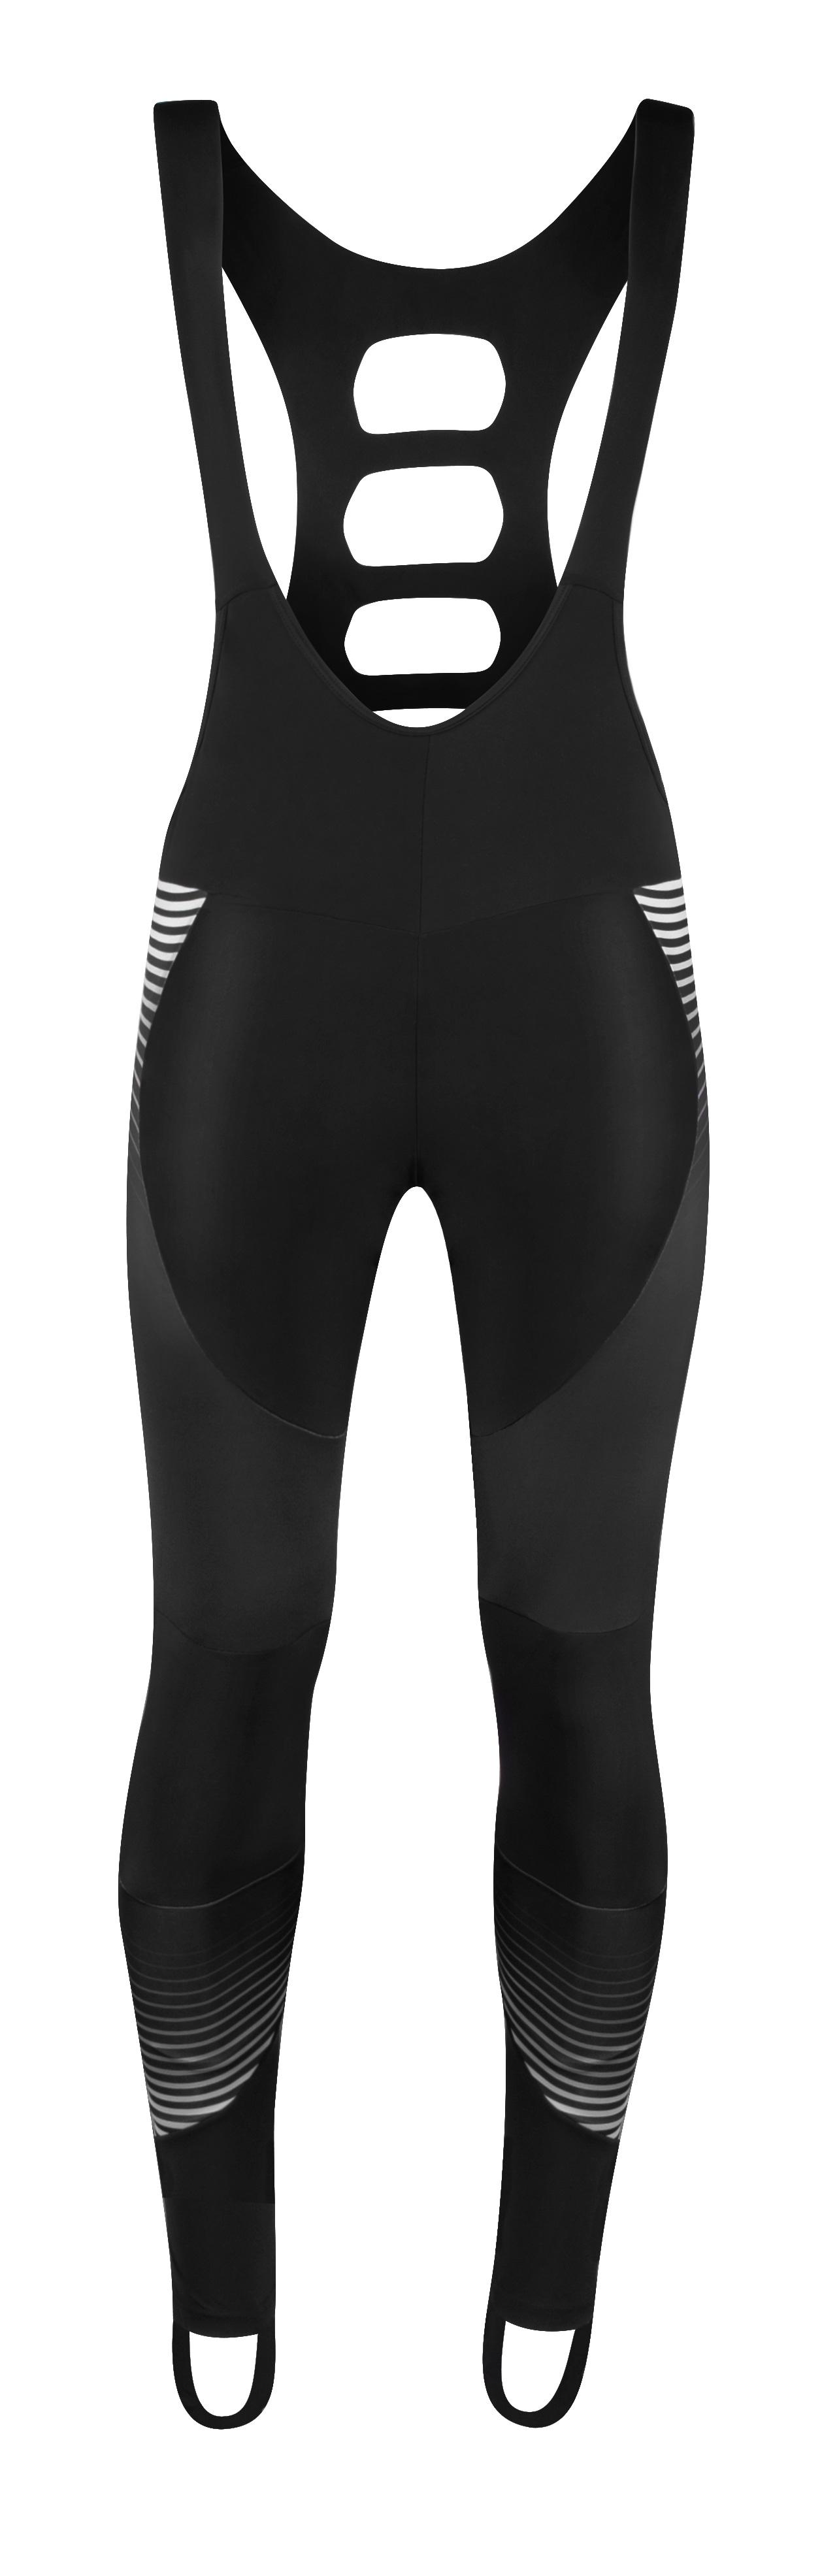 kalhoty FORCE DRIFT se šráky bez vložky, černé S